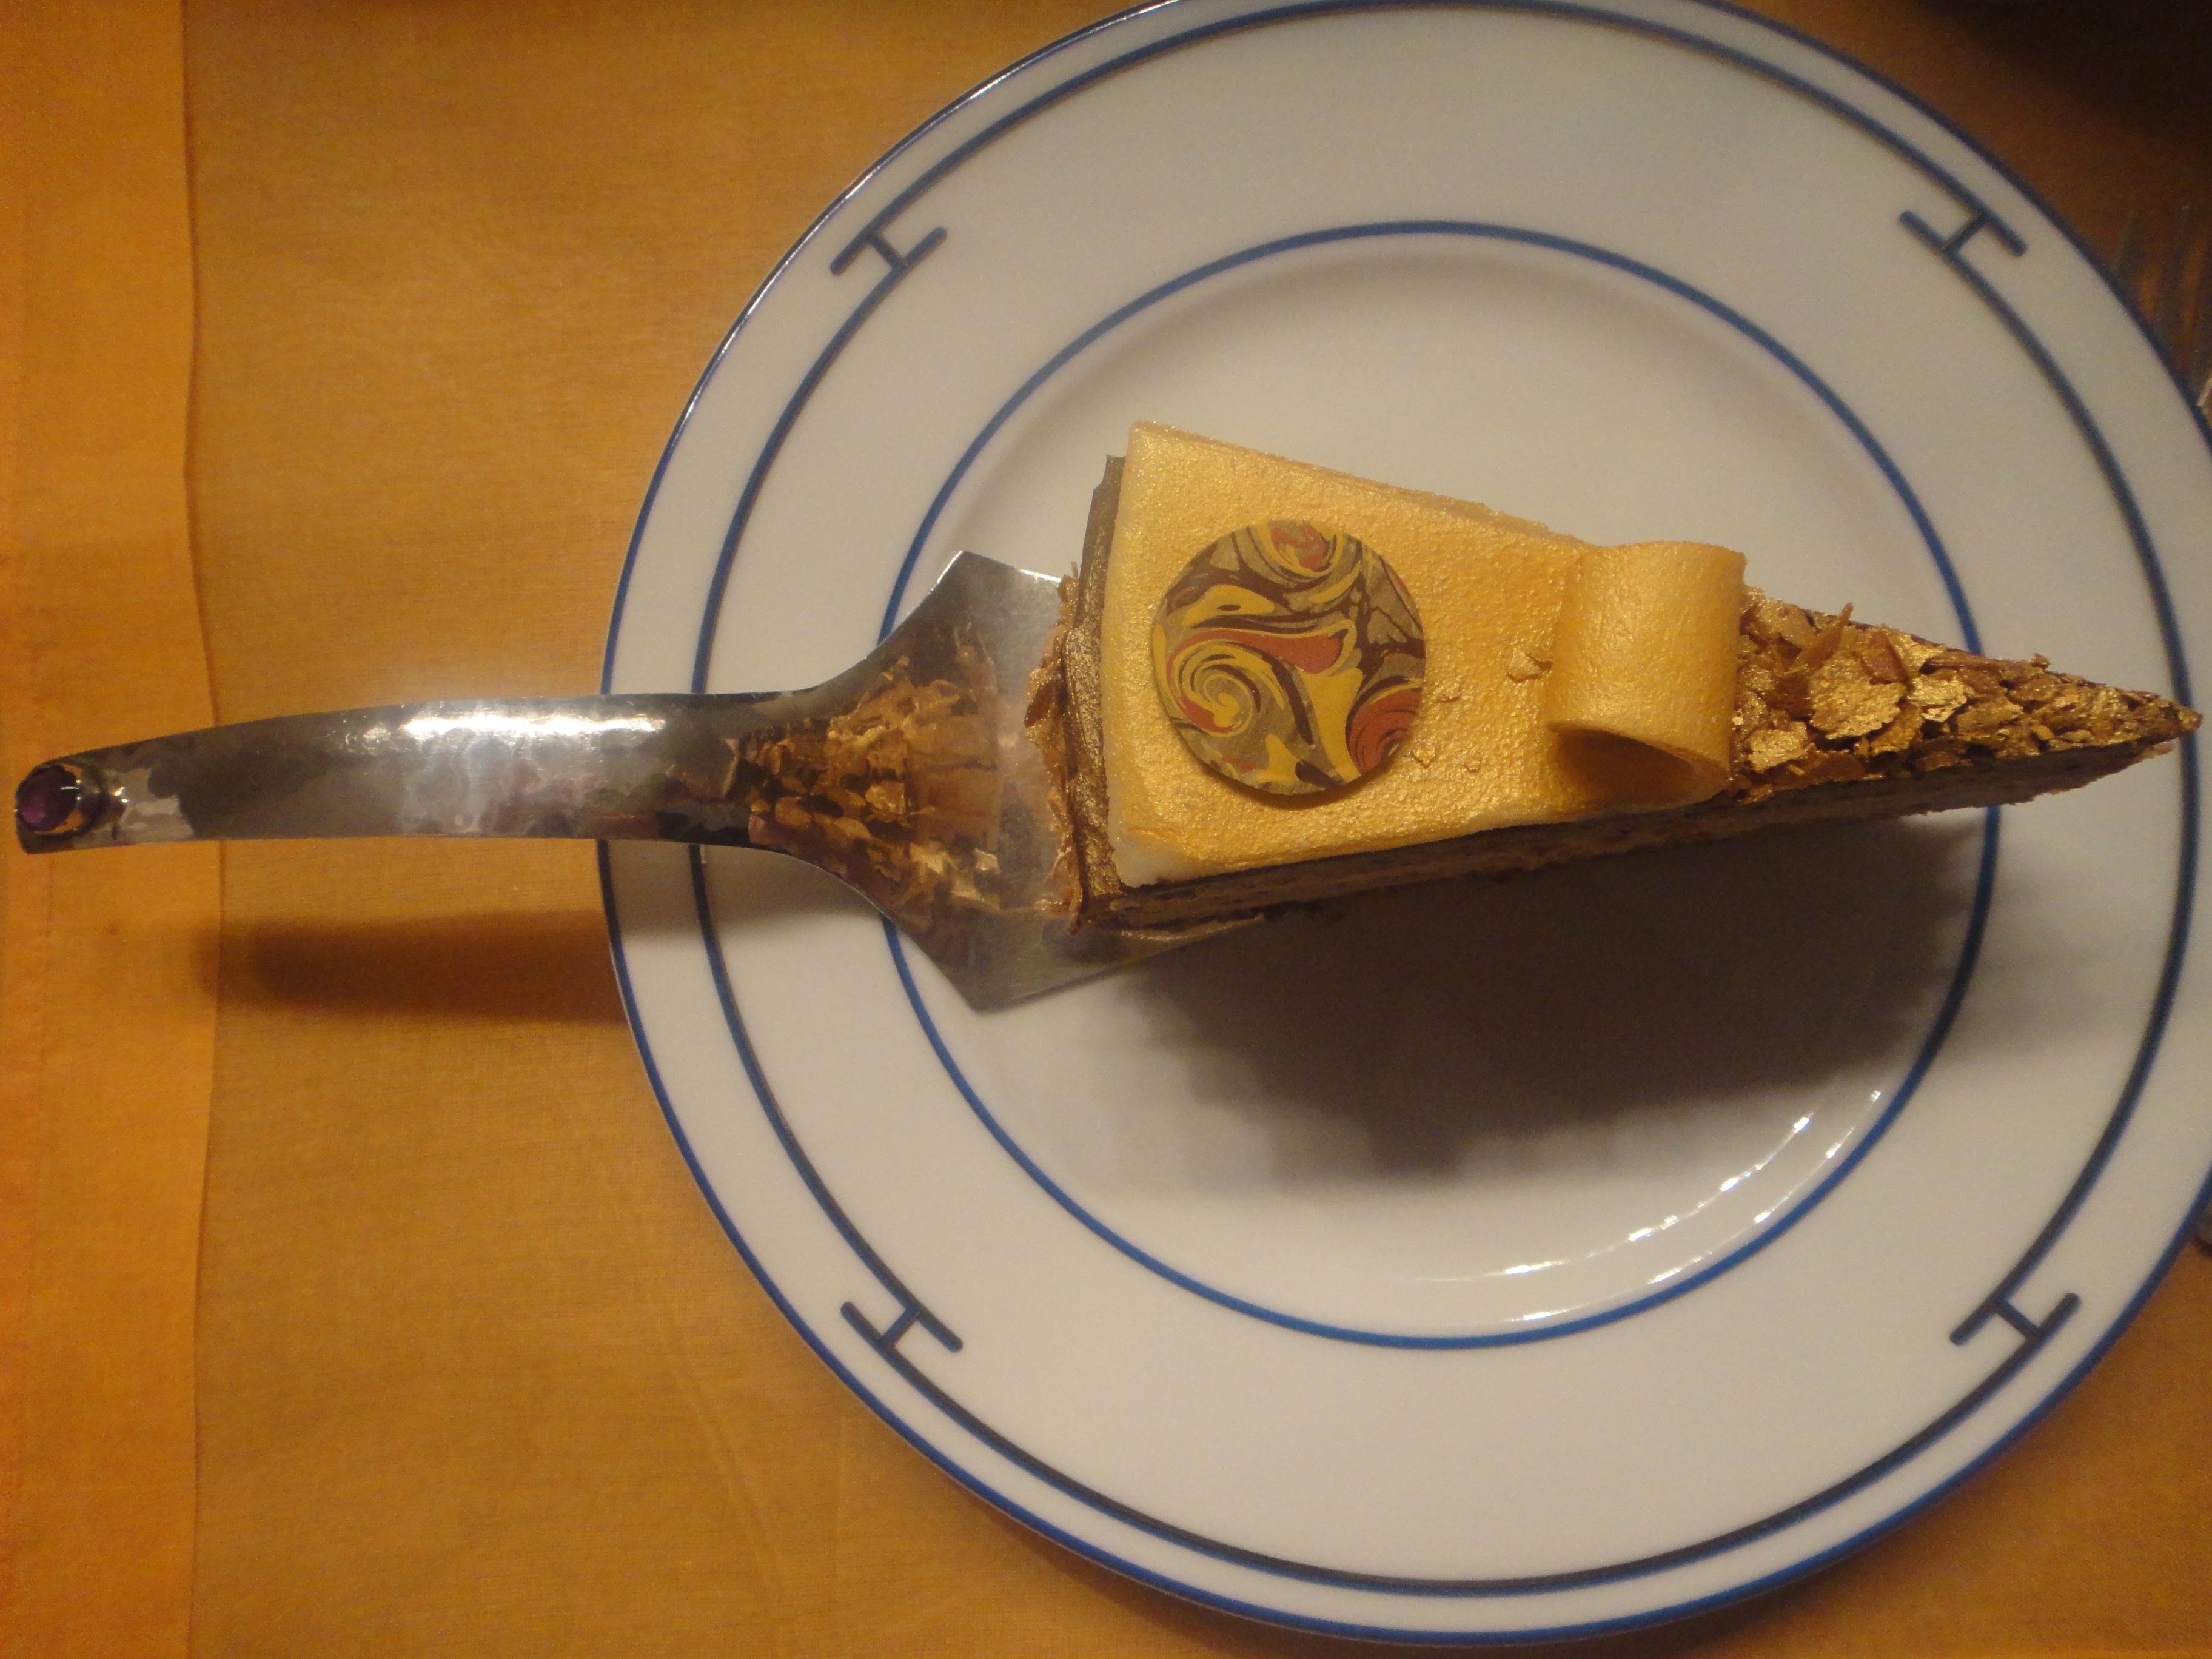 silver cake server by my uncle, silberner Tortenheber von meinem Onkel geschmiedet